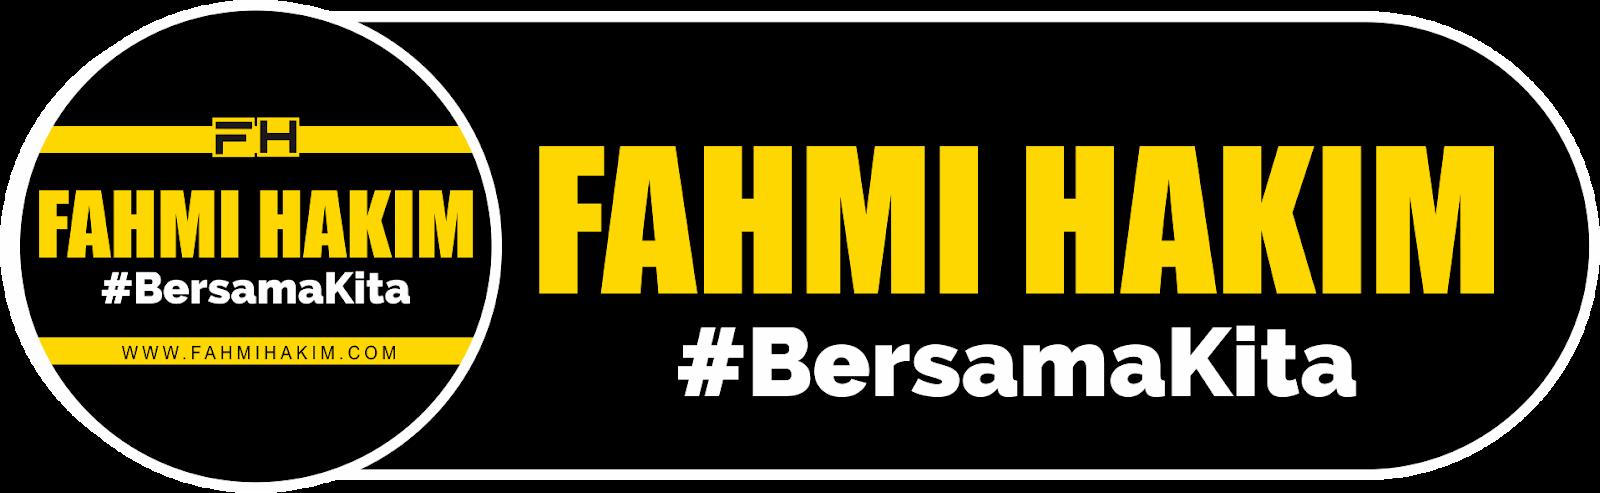 Fahmi Hakim I Bersama Kita